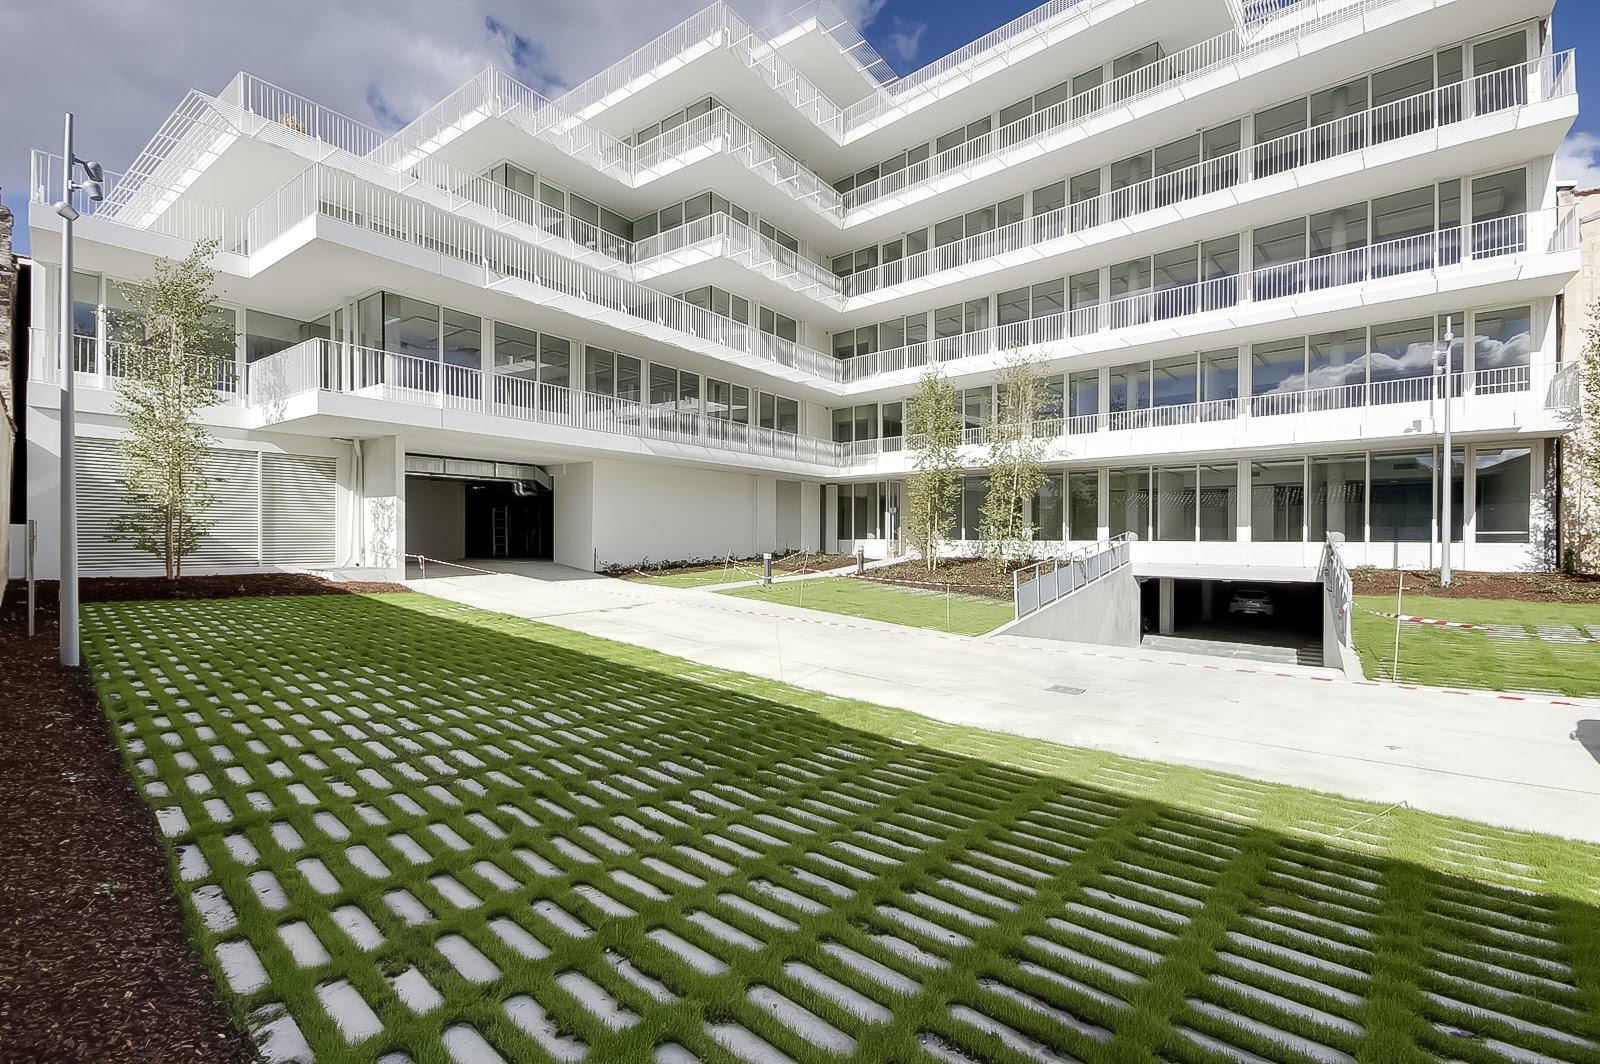 Immobilier bordeaux euratlantique bnp paribas real for Appartement bordeaux euratlantique